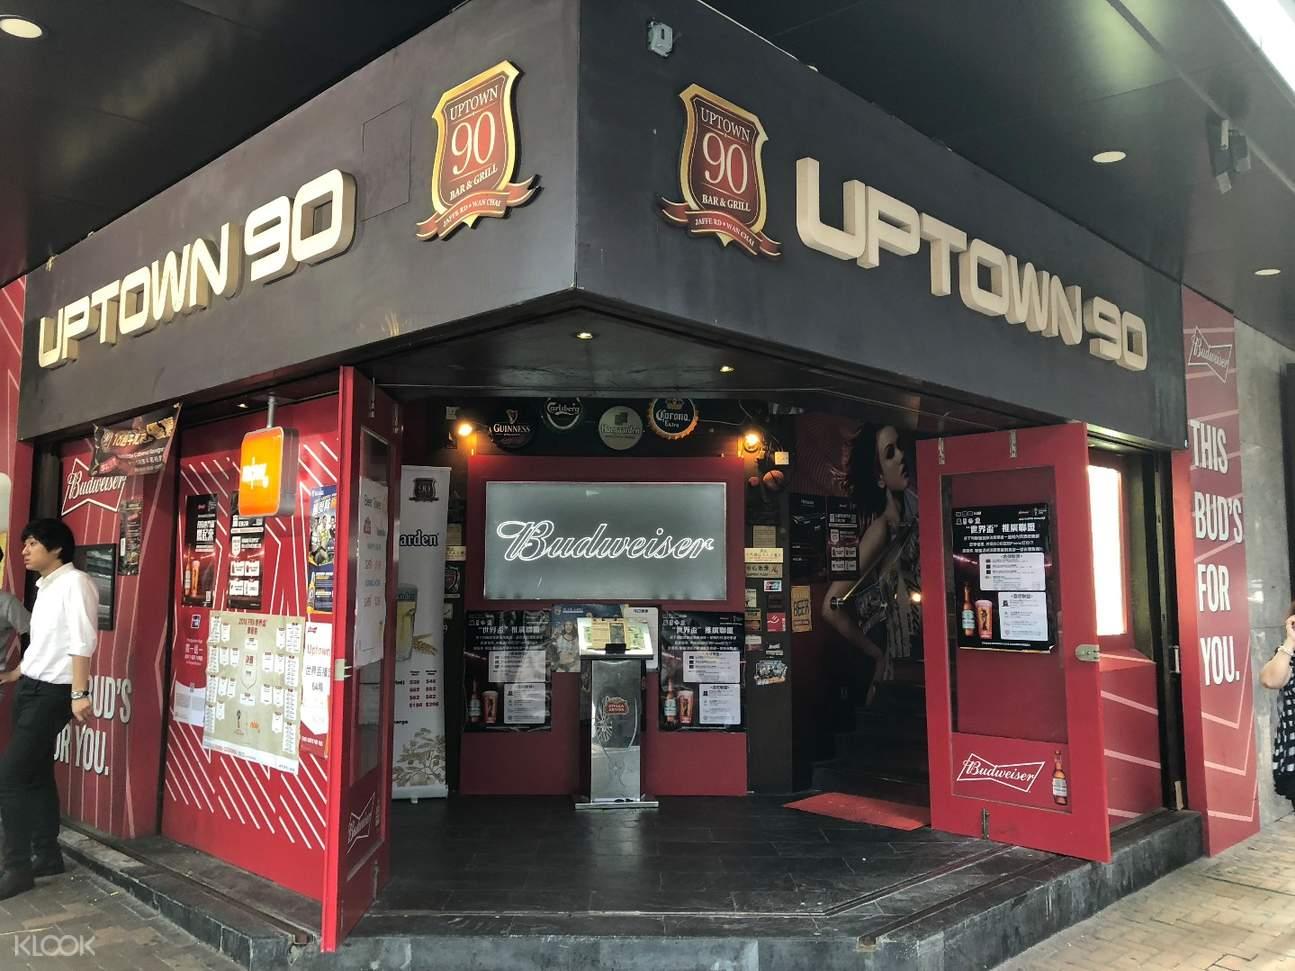 湾仔Uptown 90 Bar & Grill外观